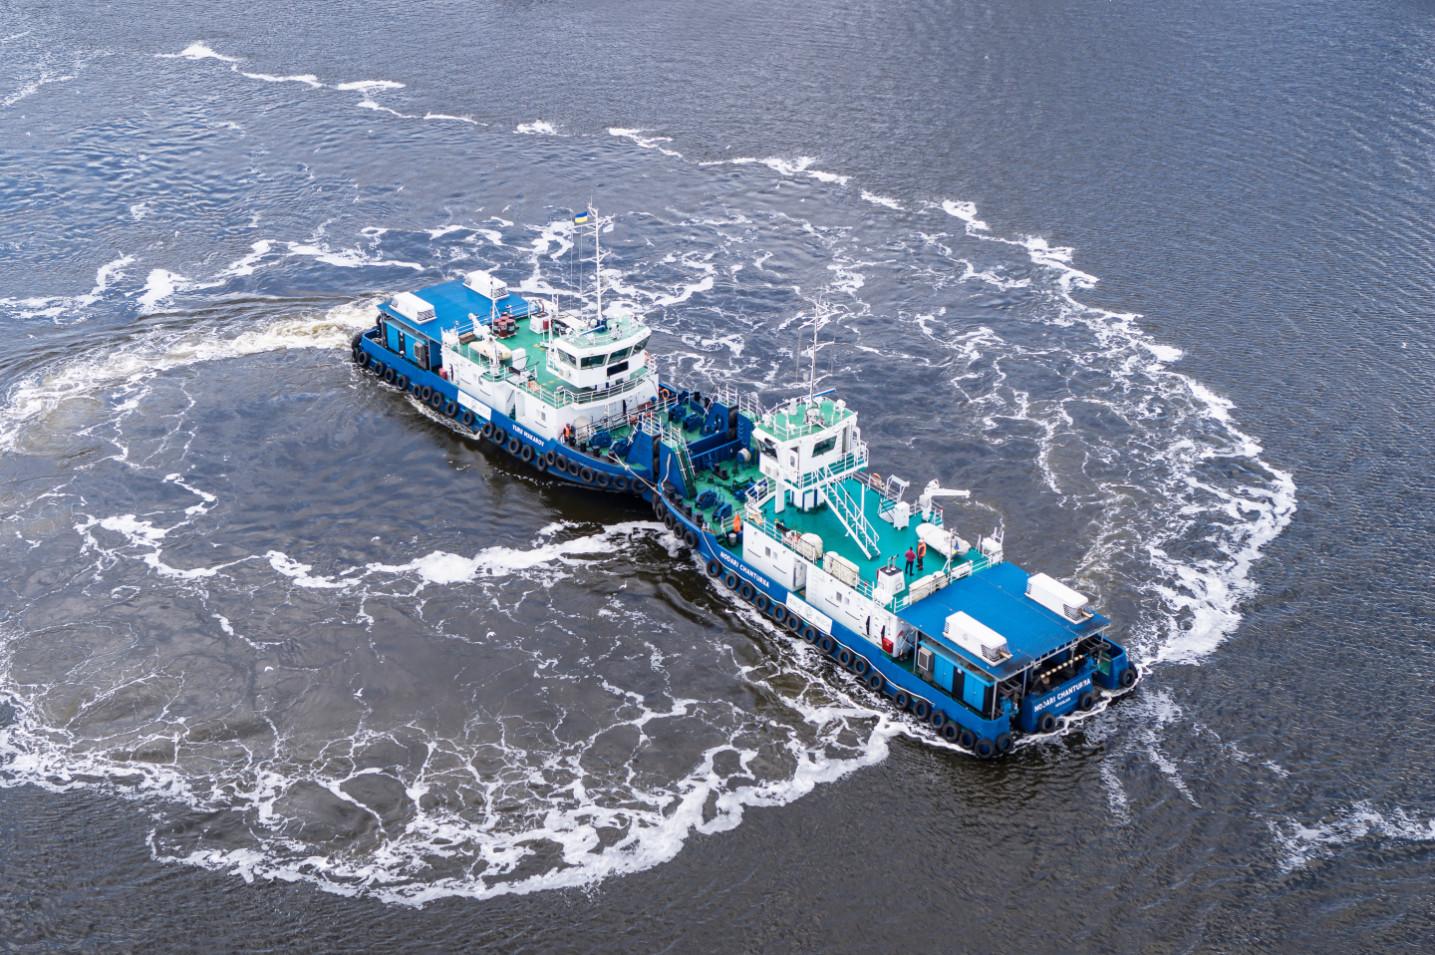 Неймовірне водне шоу і найдовше кранове судно за останні 25 років незалежності України